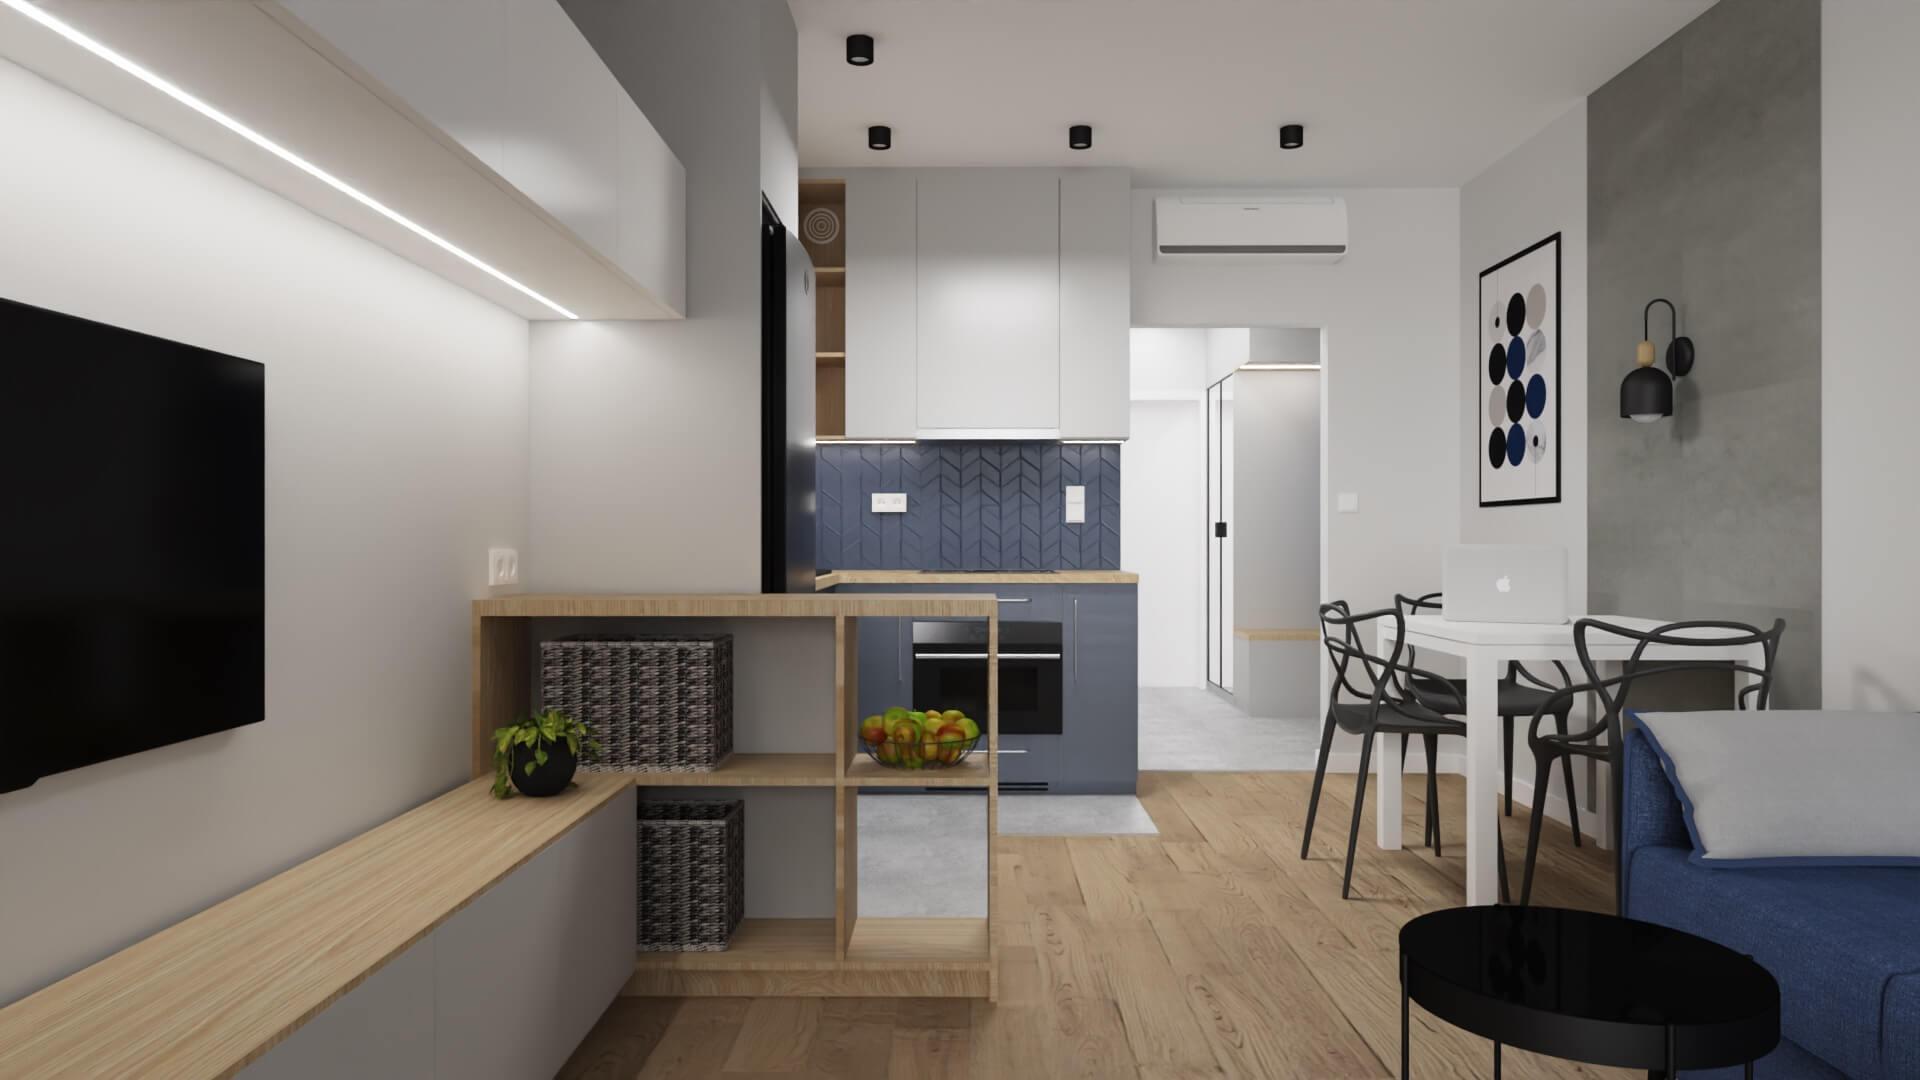 projekt wnętrza mieszkania na wynajem - wyspa między kuchnią a salonem